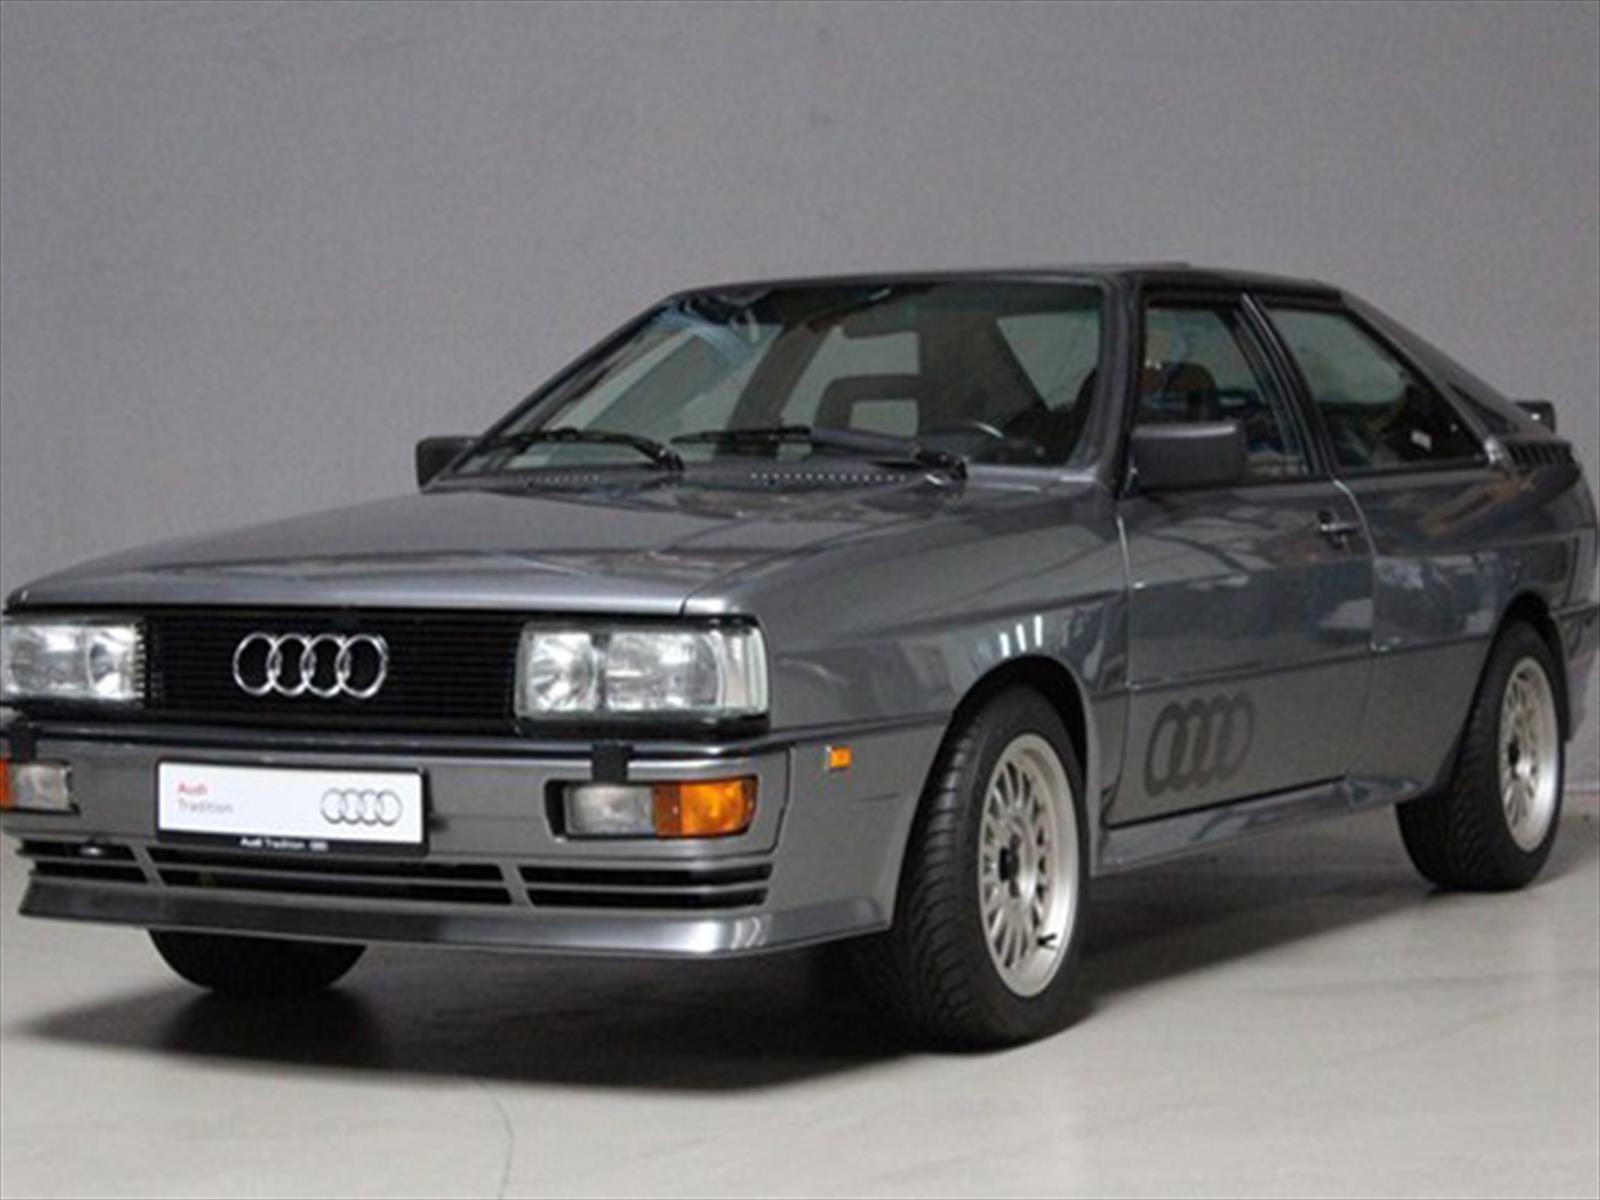 El Audi Quatro marcó la historia por ser un deportivo de altas prestaciones que equipaba tracción a las cuatro ruedas.